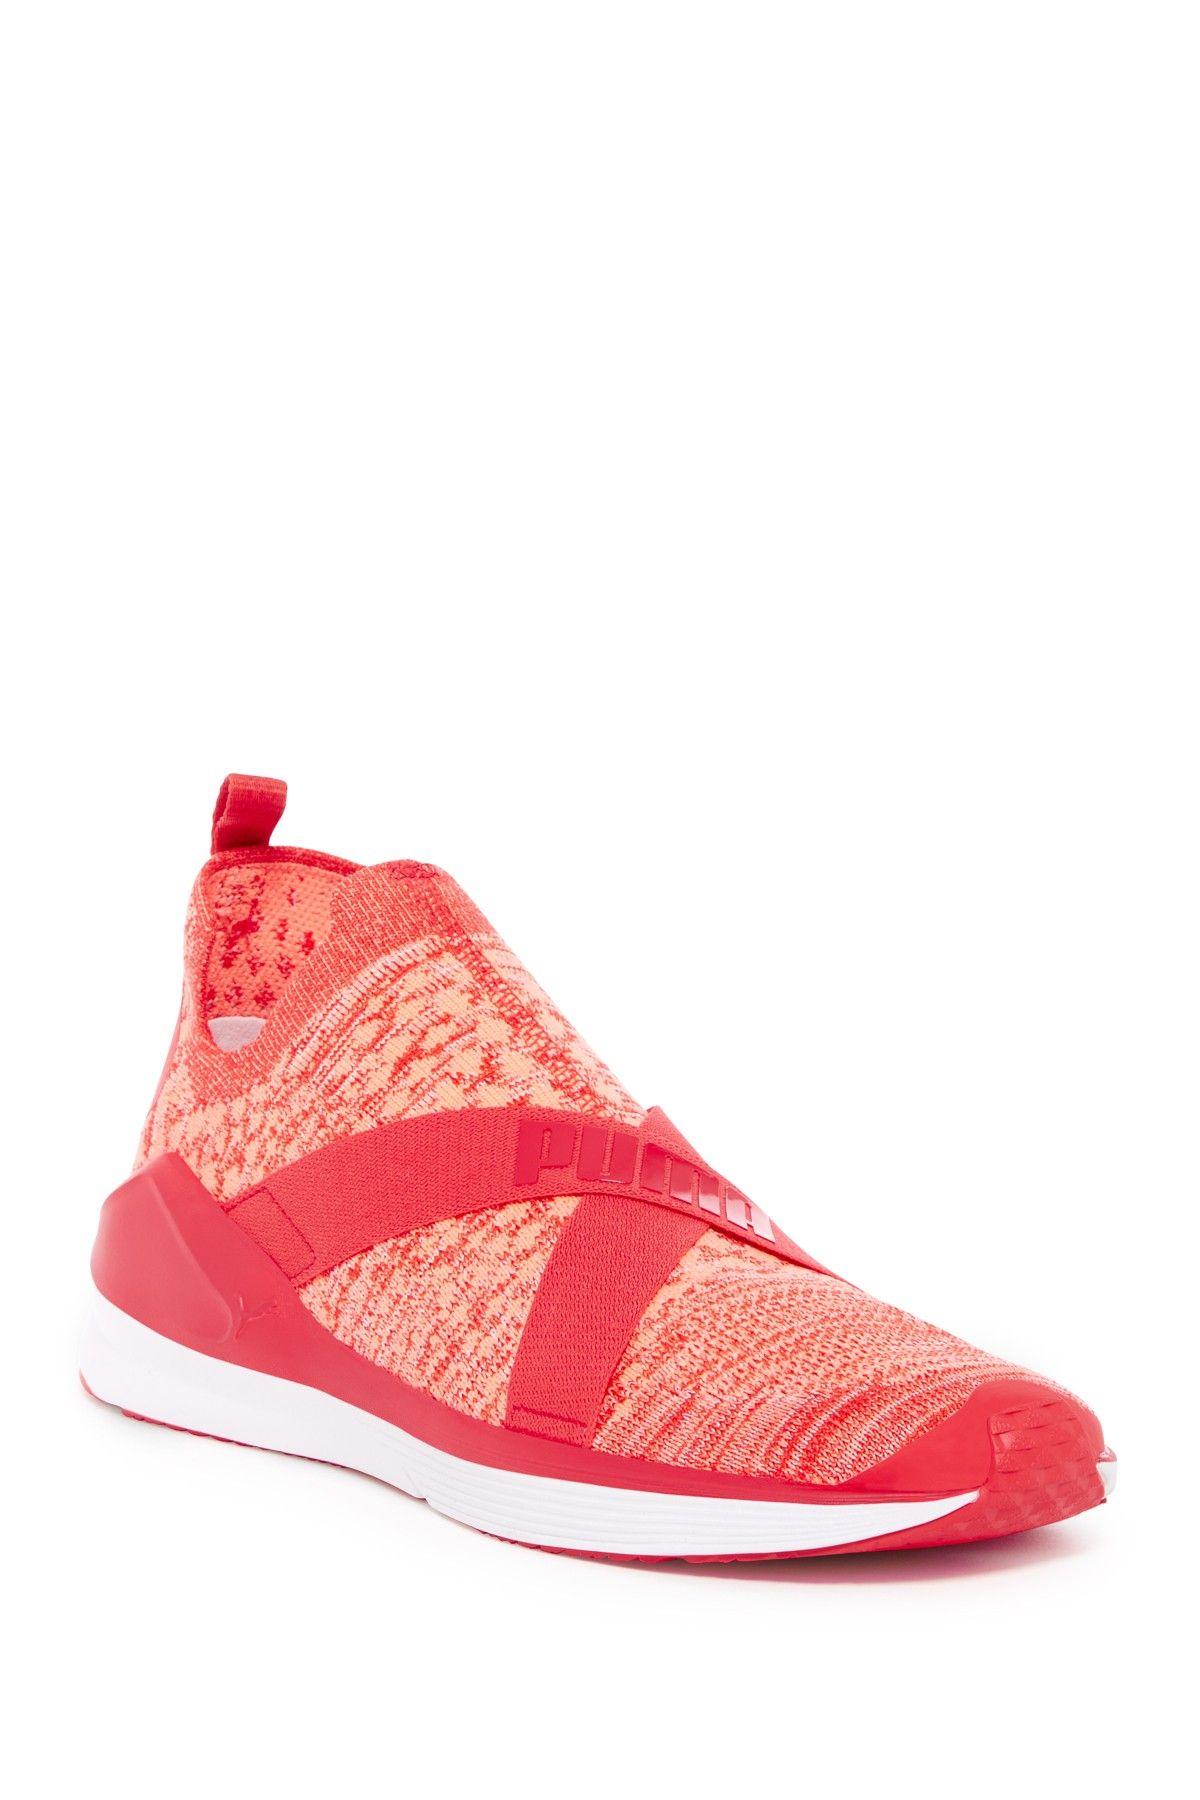 4d02e547485 PUMA Fierce Evoknit Sneaker (Women)